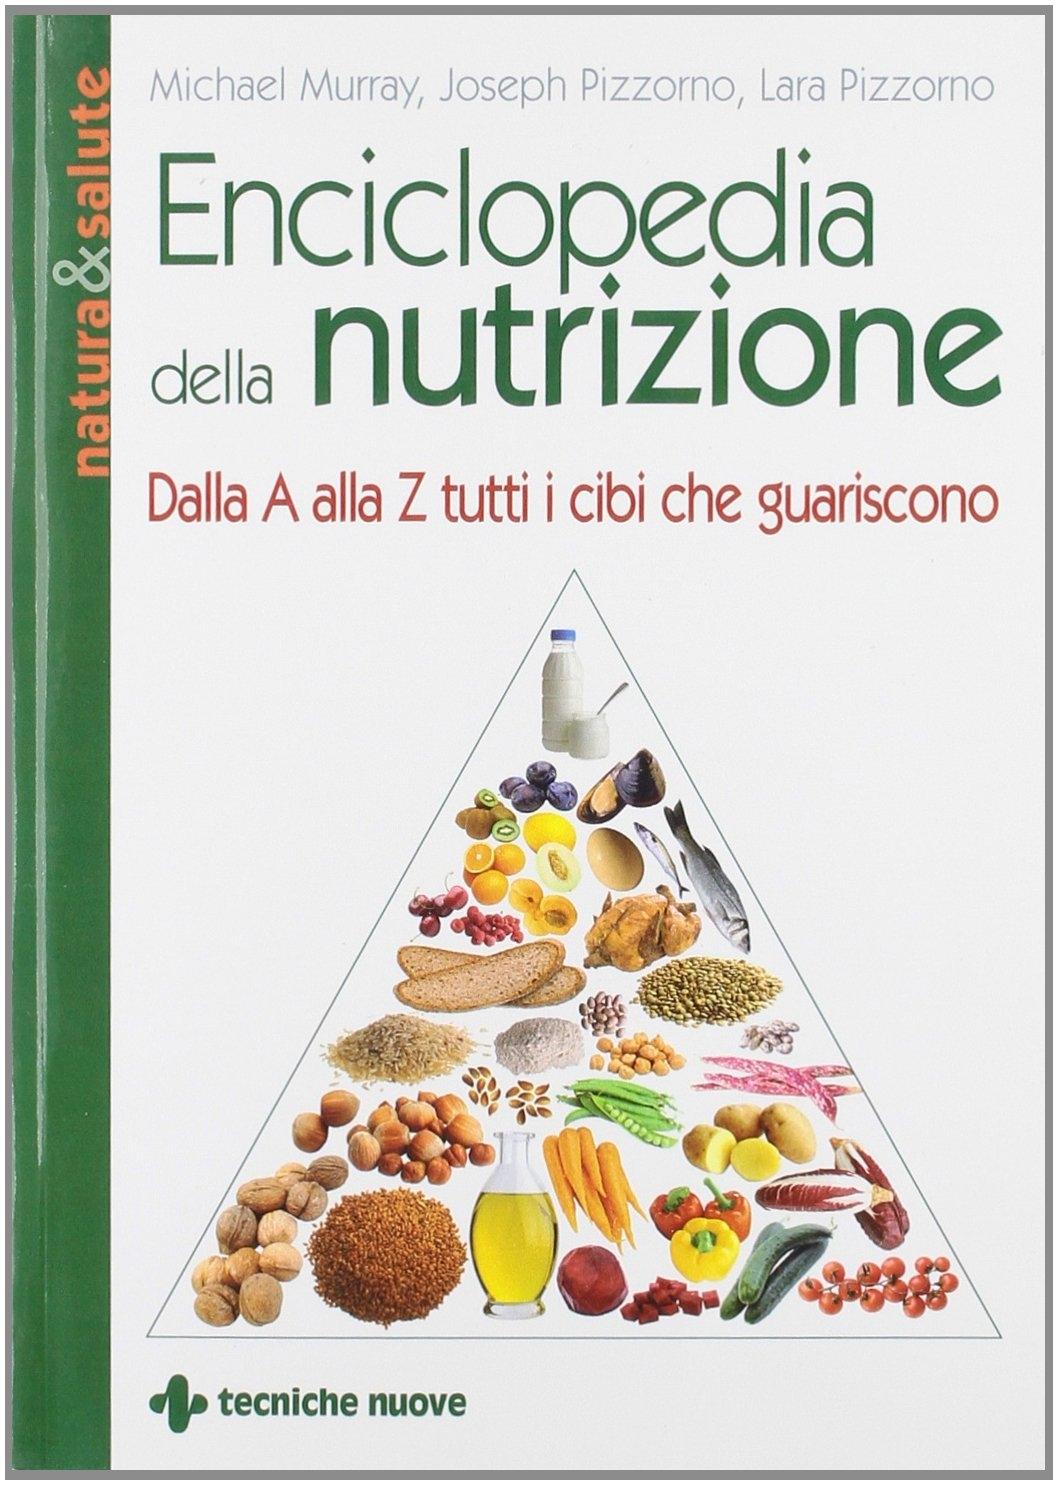 Enciclopedia della nutrizione. Dalla A alla Z tutti i cibi che guariscono